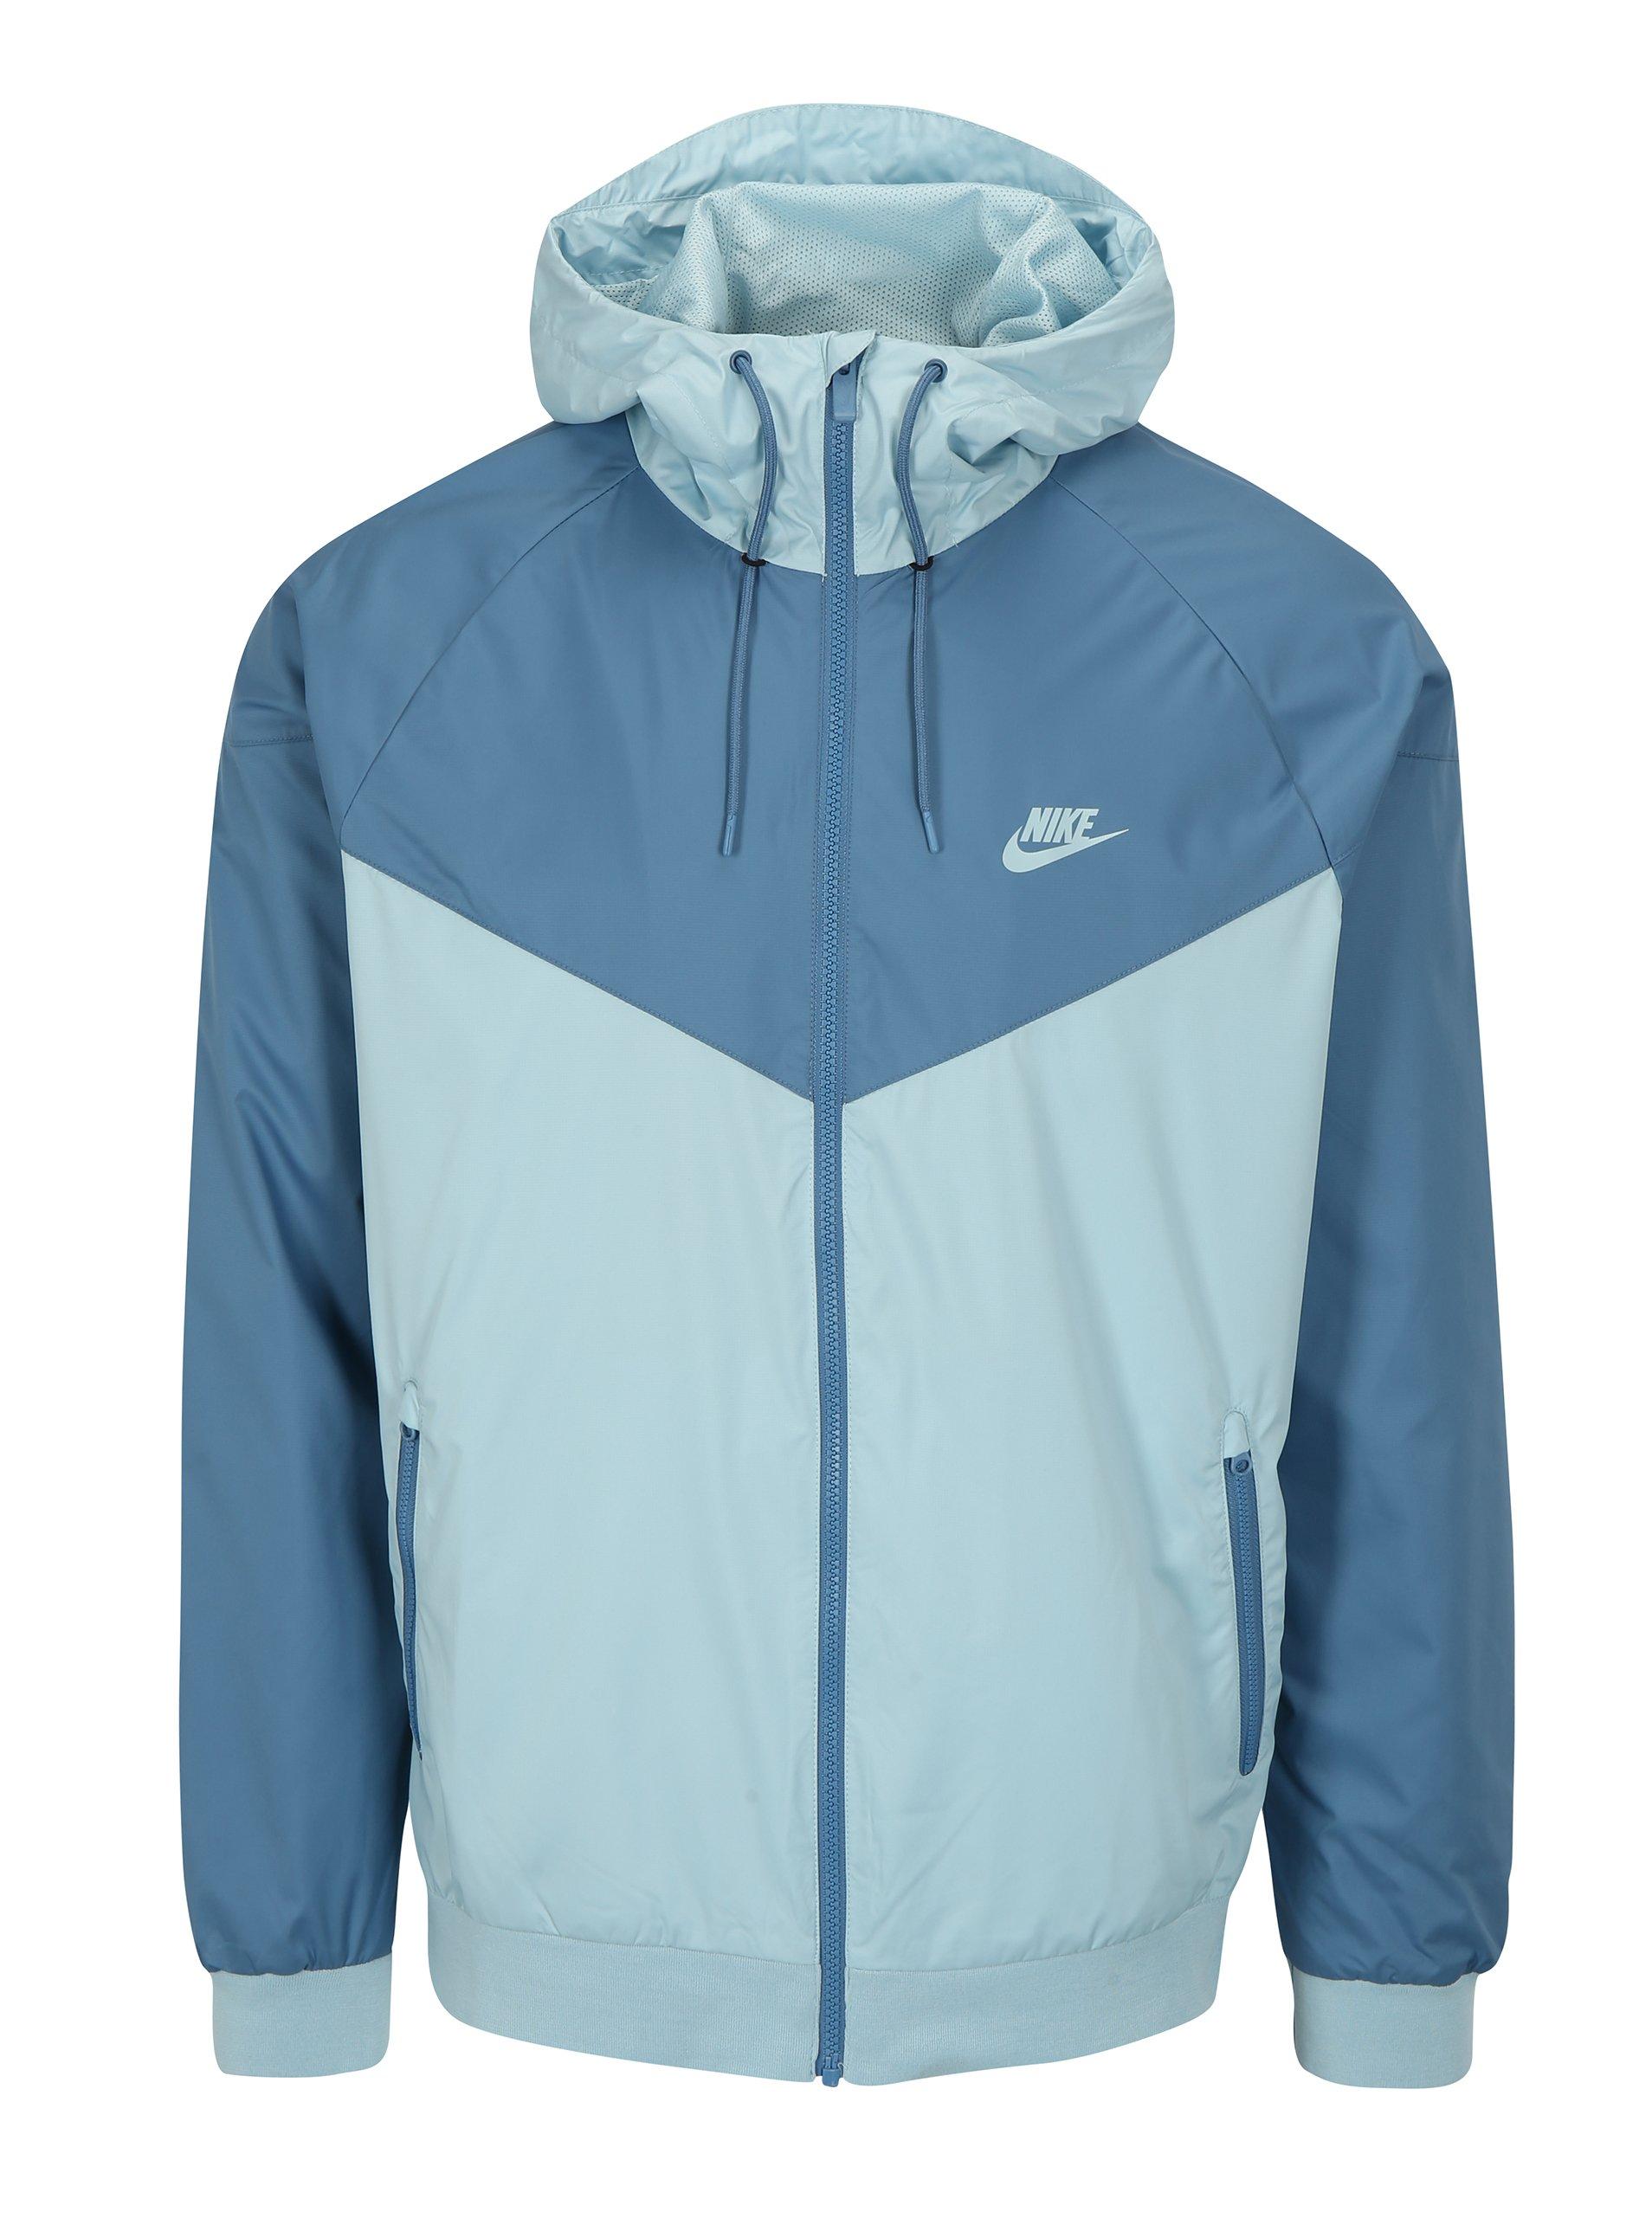 Svetlomodrá pánska funkčná bunda s kapucňou Nike 1e2a75bf1ef